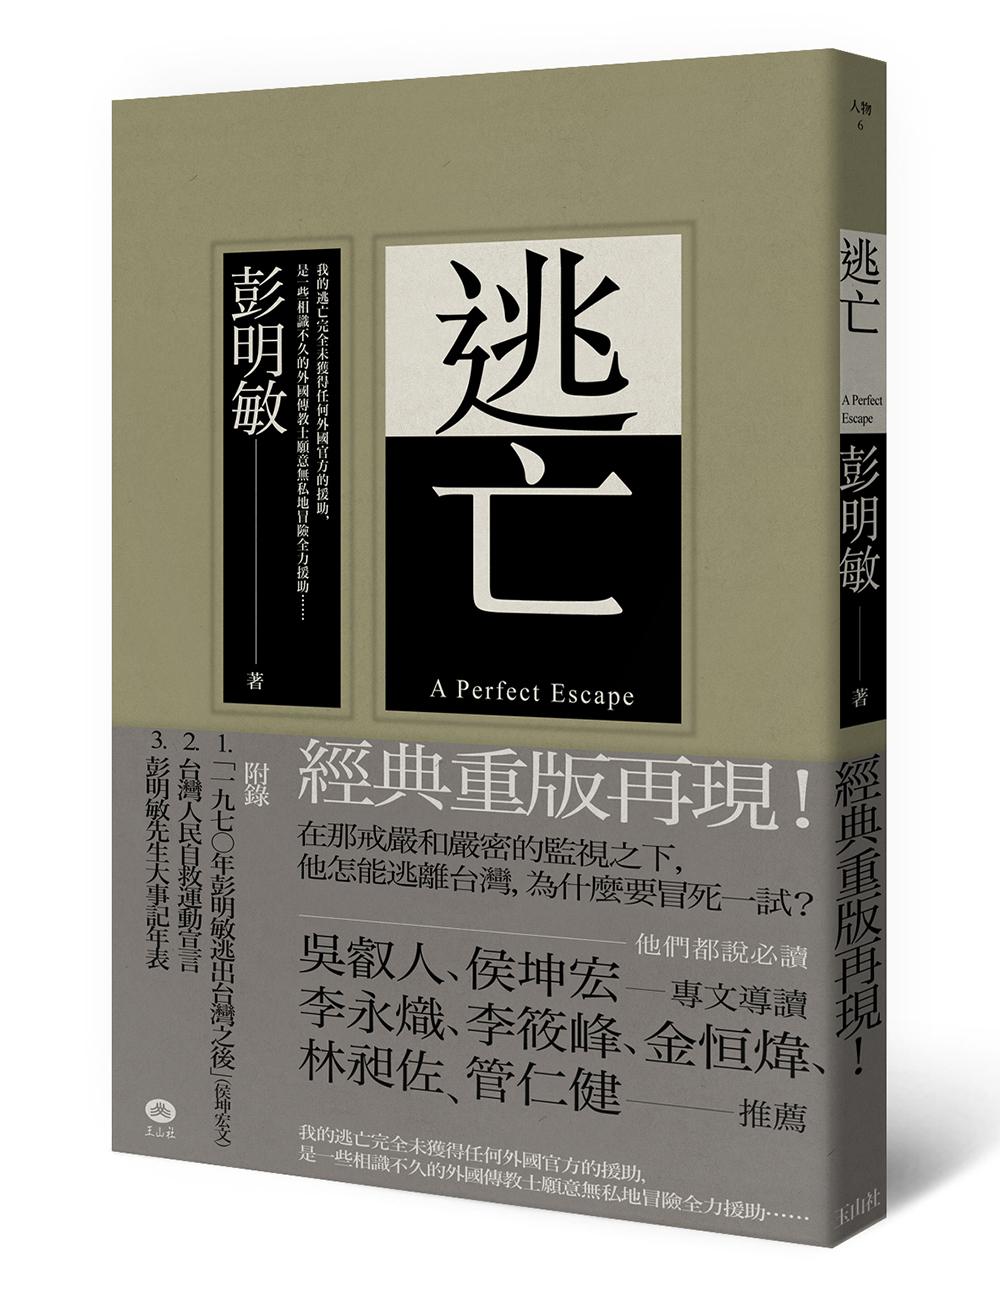 【書摘】逃亡(重新包裝+導讀)